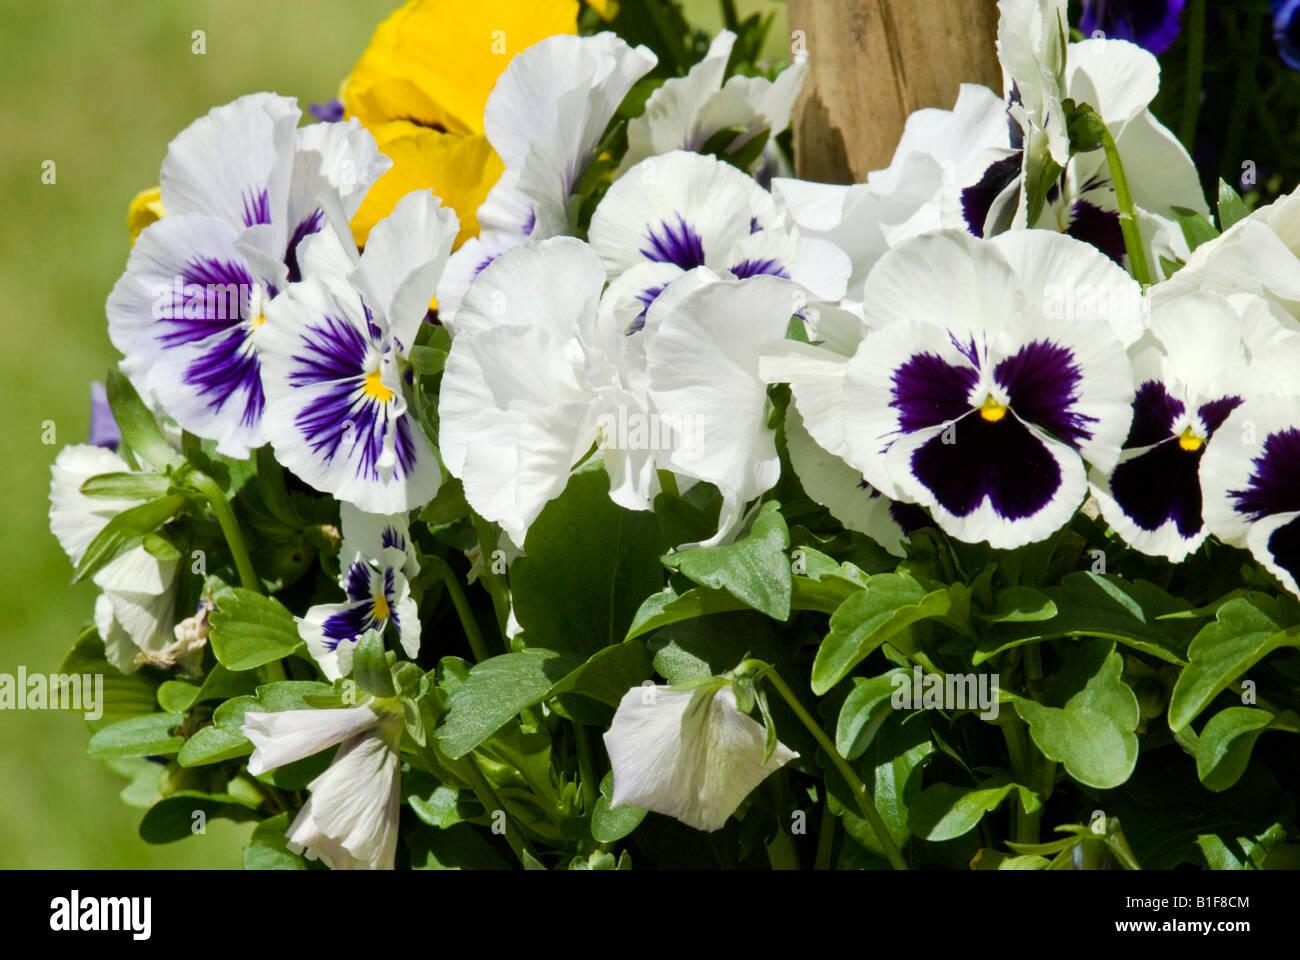 Pansies in an English garden. - Stock Image